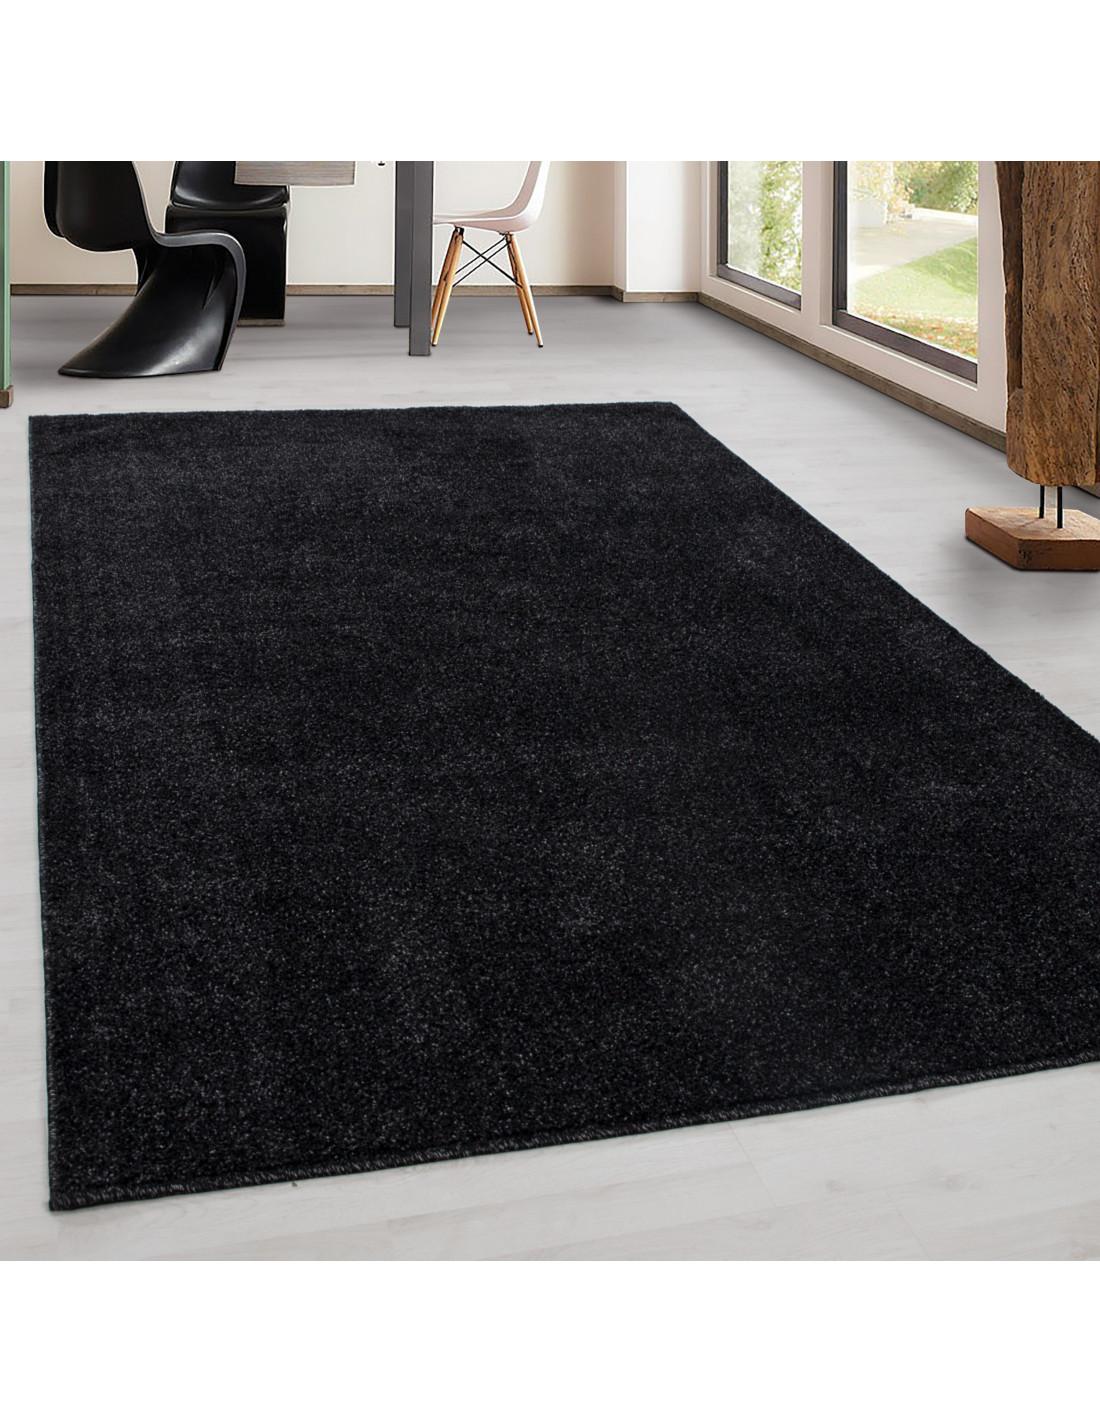 Teppich Kurzflor Modern Wohnzimmer Einfarbig Meliert Uni günstig ANTHRAZIT